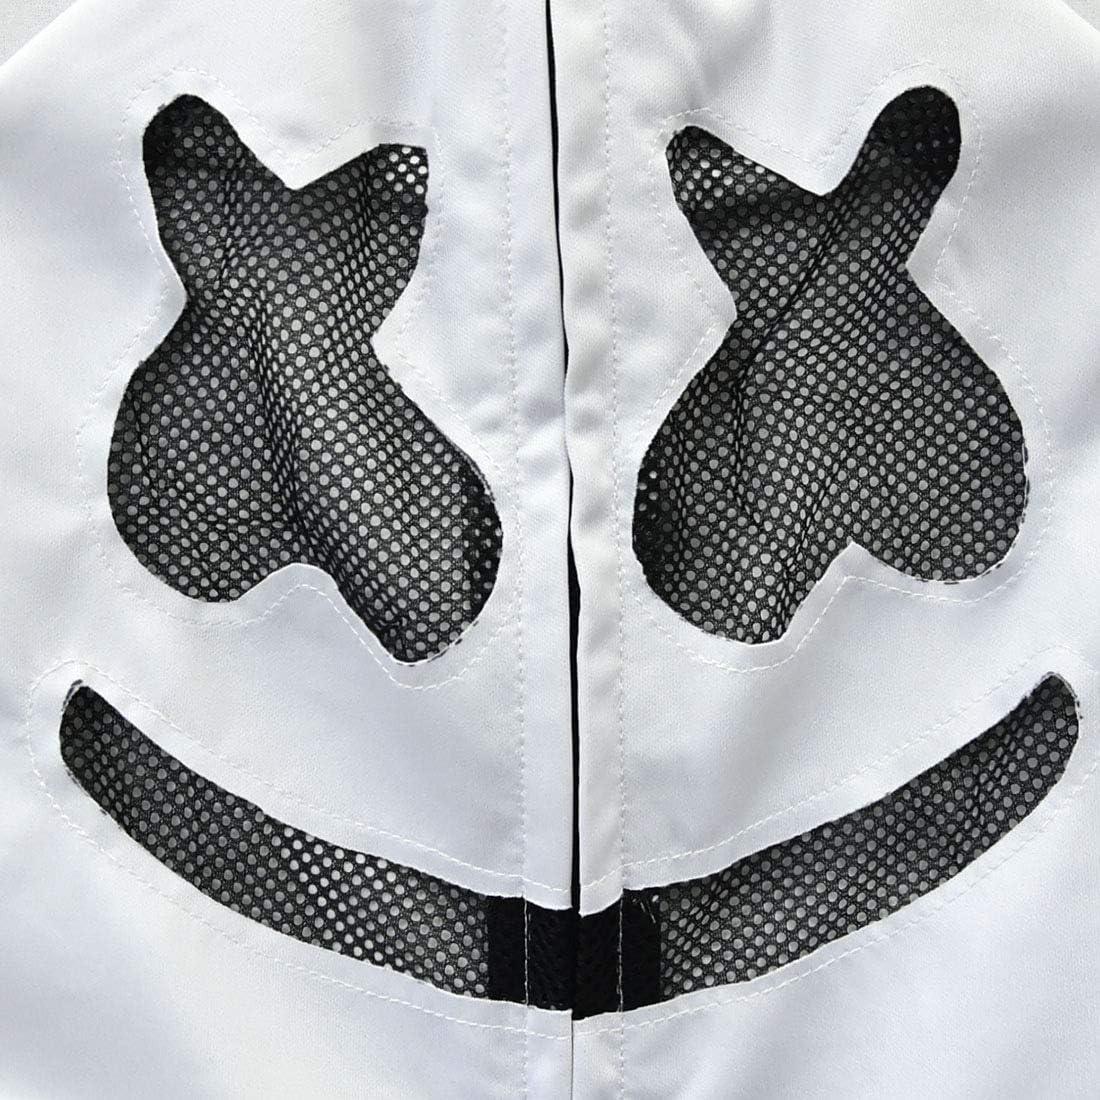 Thombase Conjunto de Ropa para ni/ños de DJ Marshmello con Sudaderas y Sudaderas con Capucha para Halloween style2 Talla /única